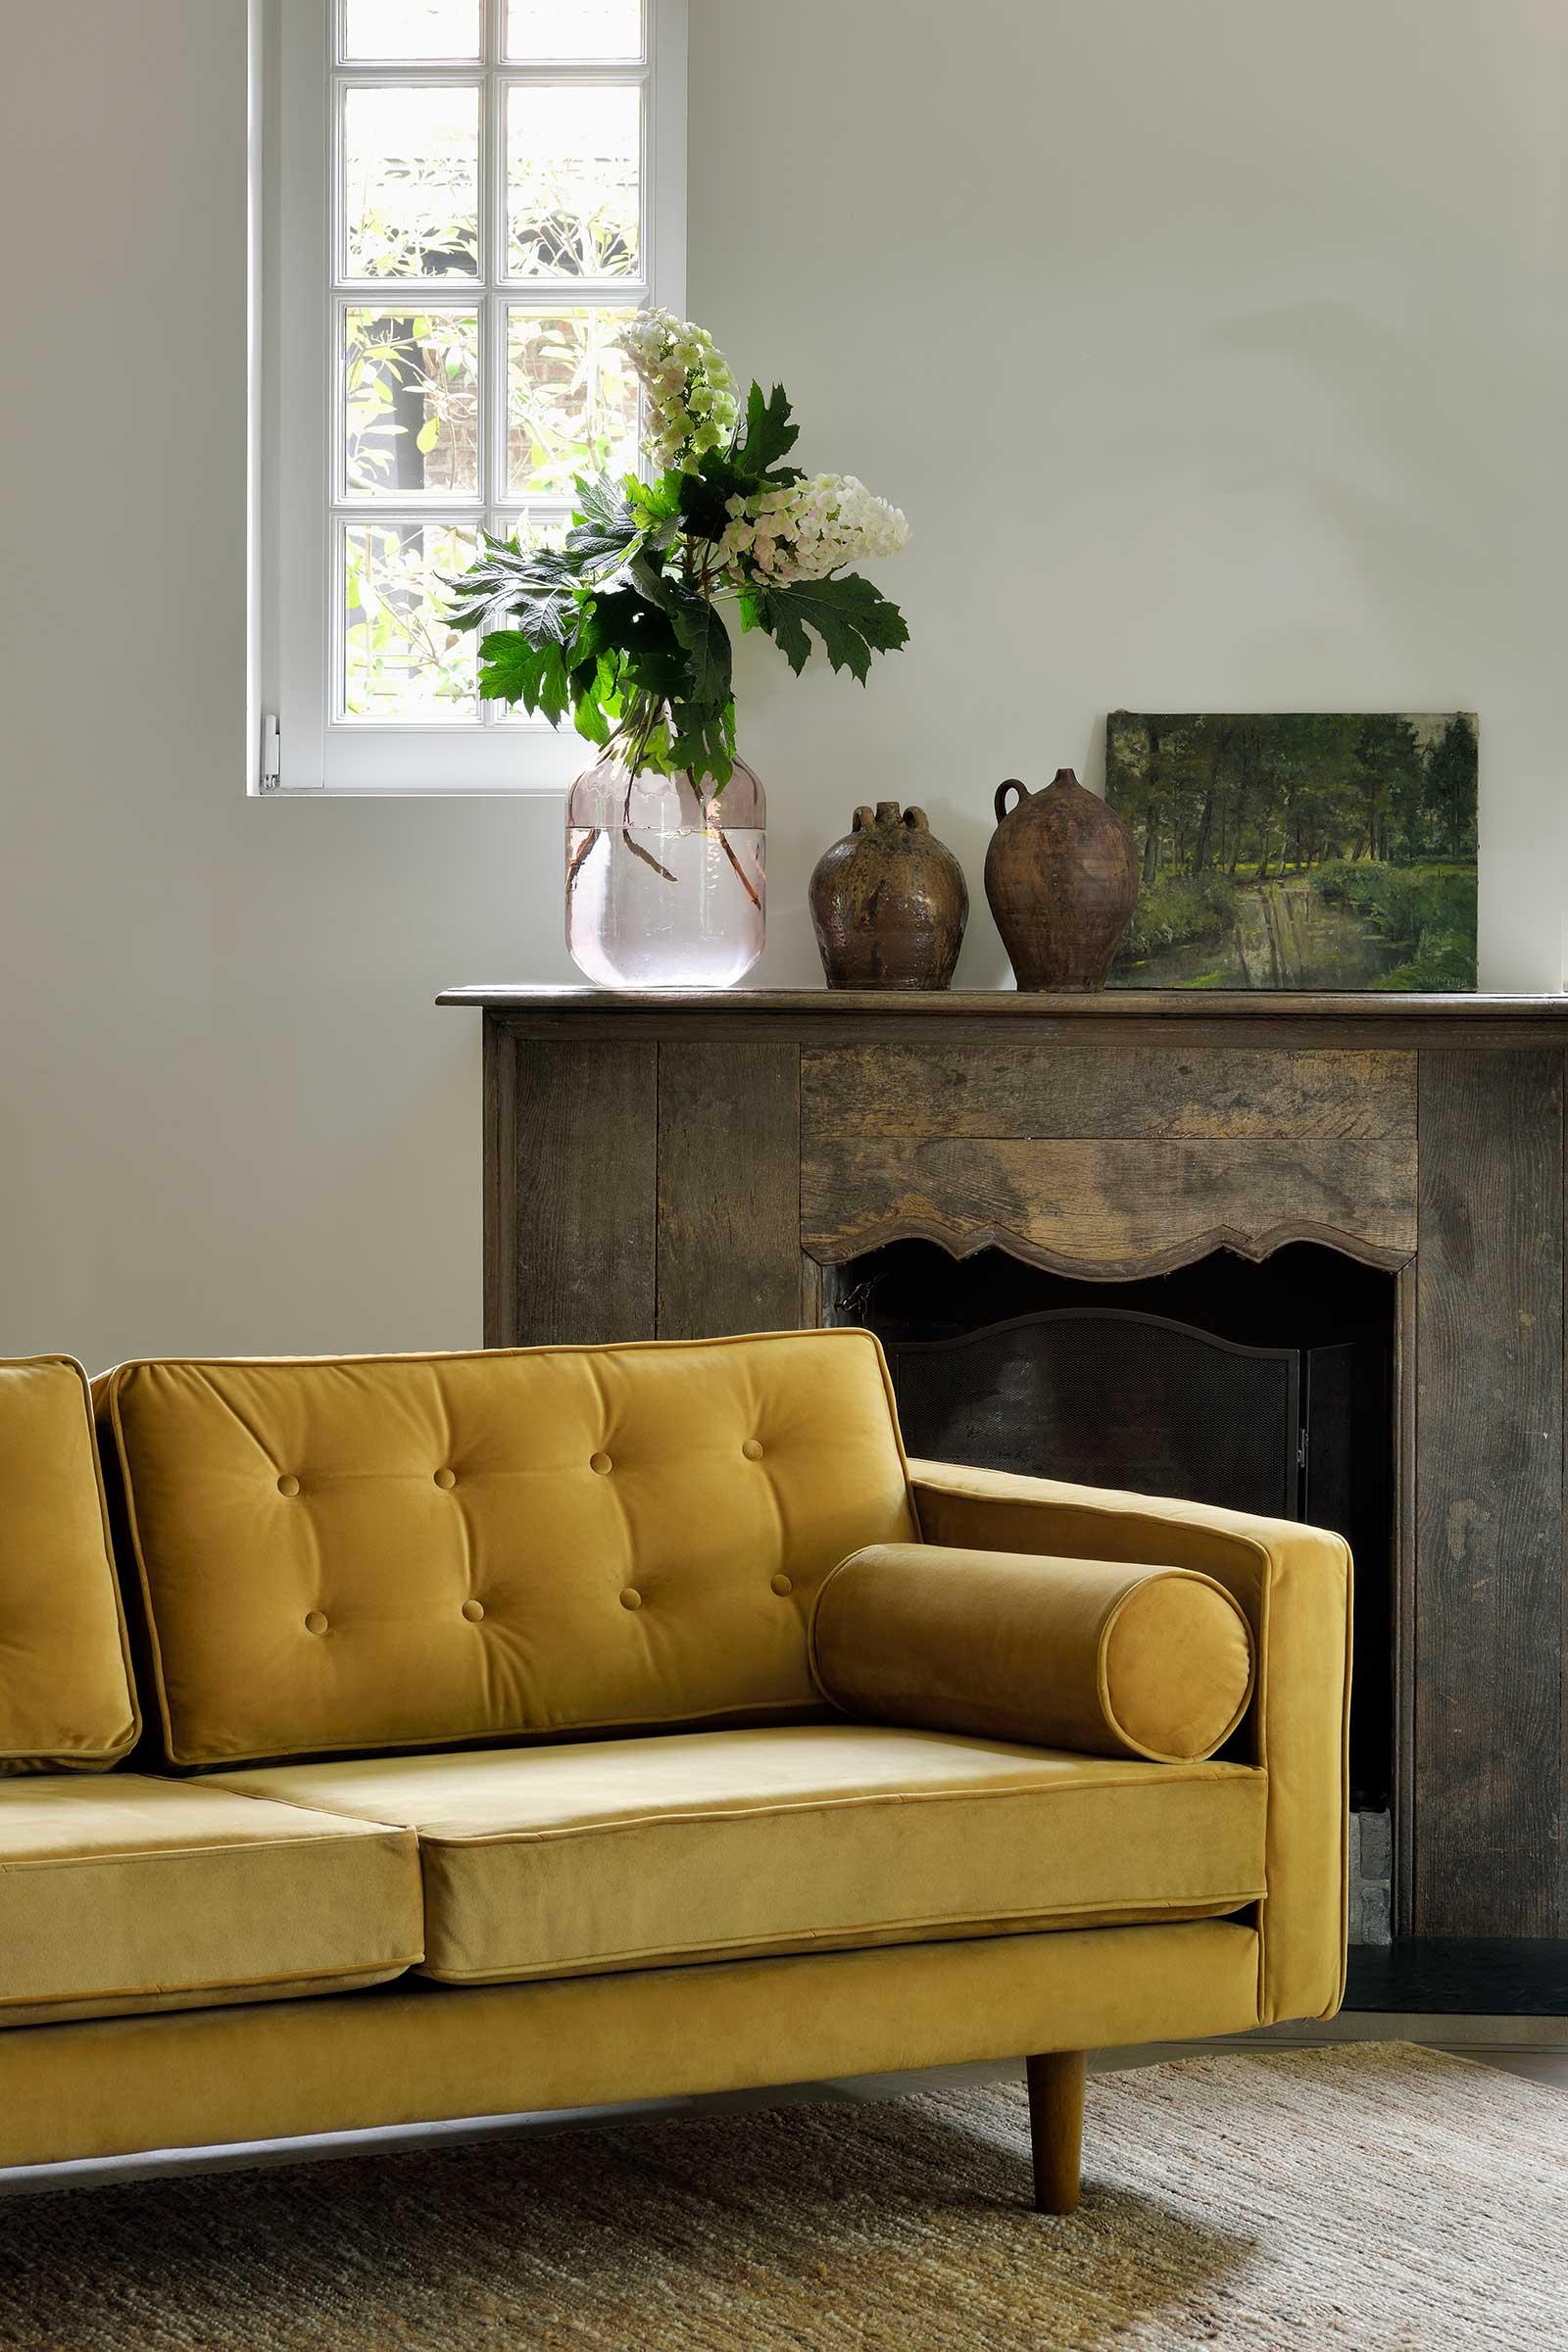 20127-N101-Sofa-3-Seater-Gold-Velvet-(2).jpg